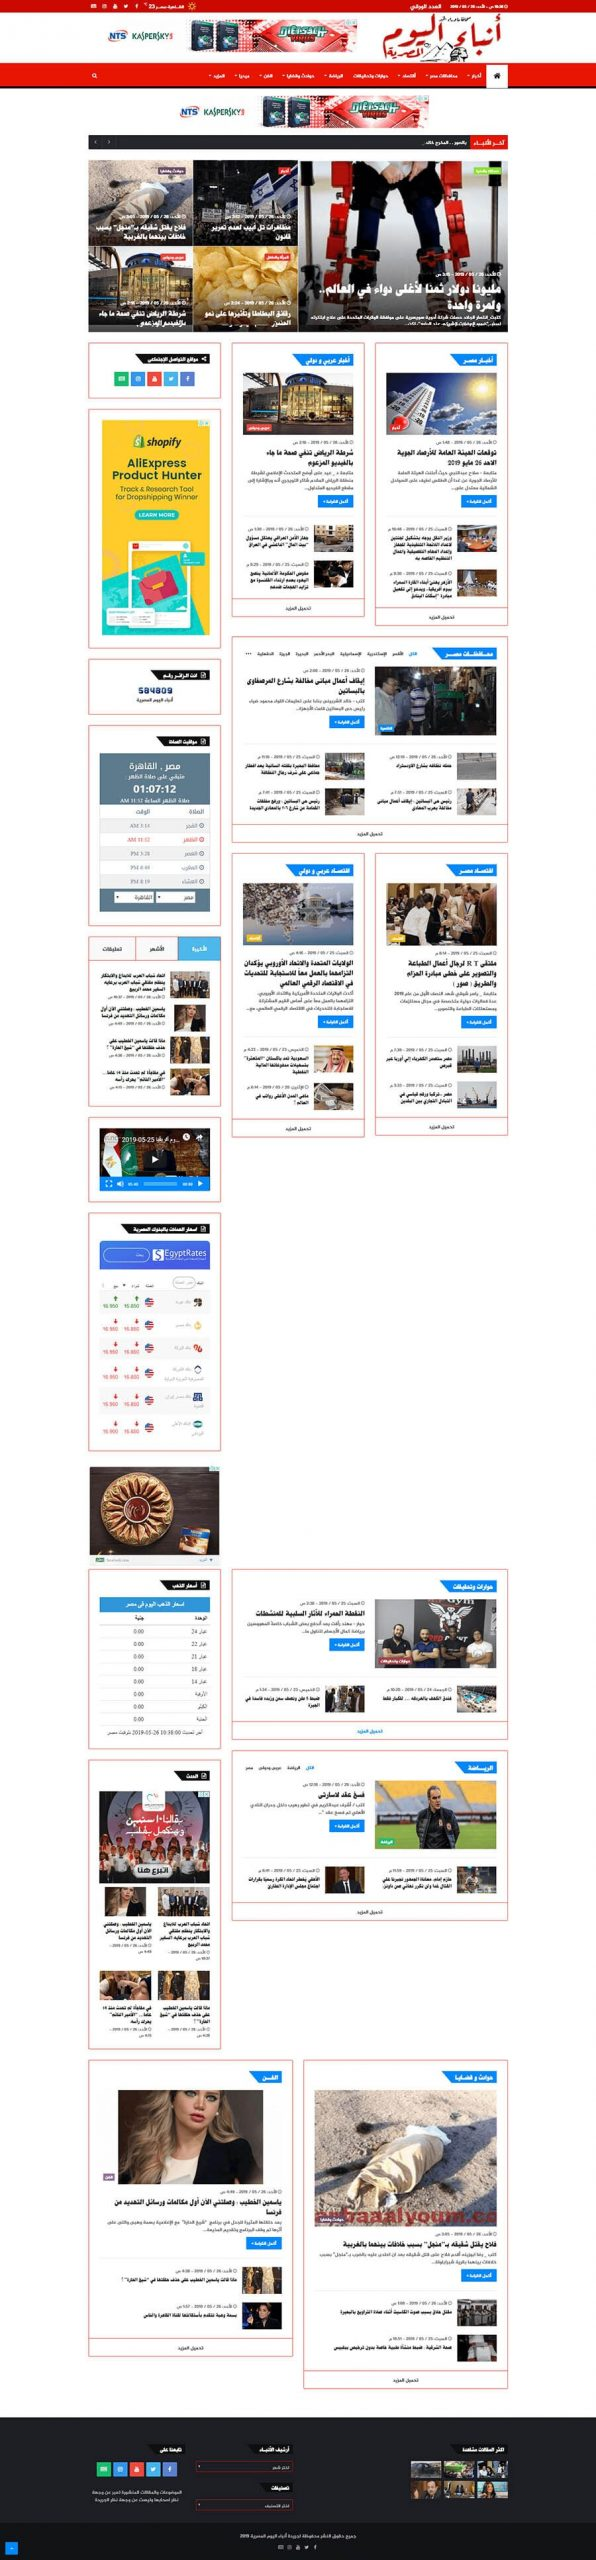 موقع انباء اليوم